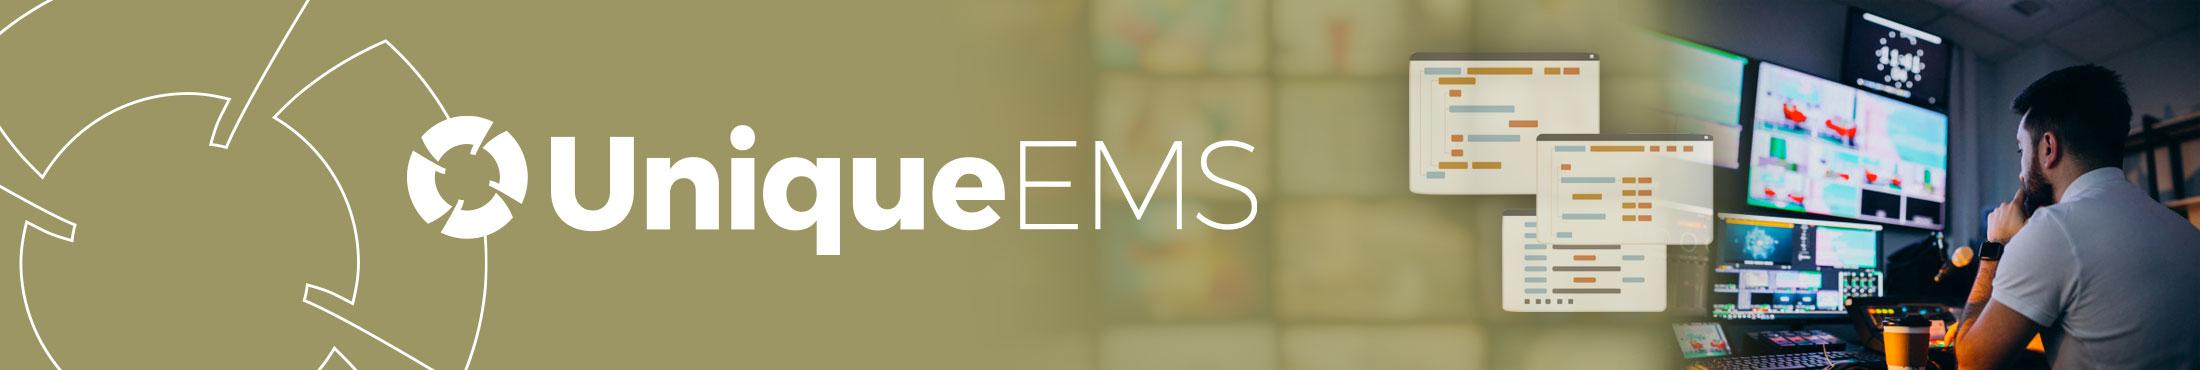 Perché le Centrali Operative scelgono Unique EMS?